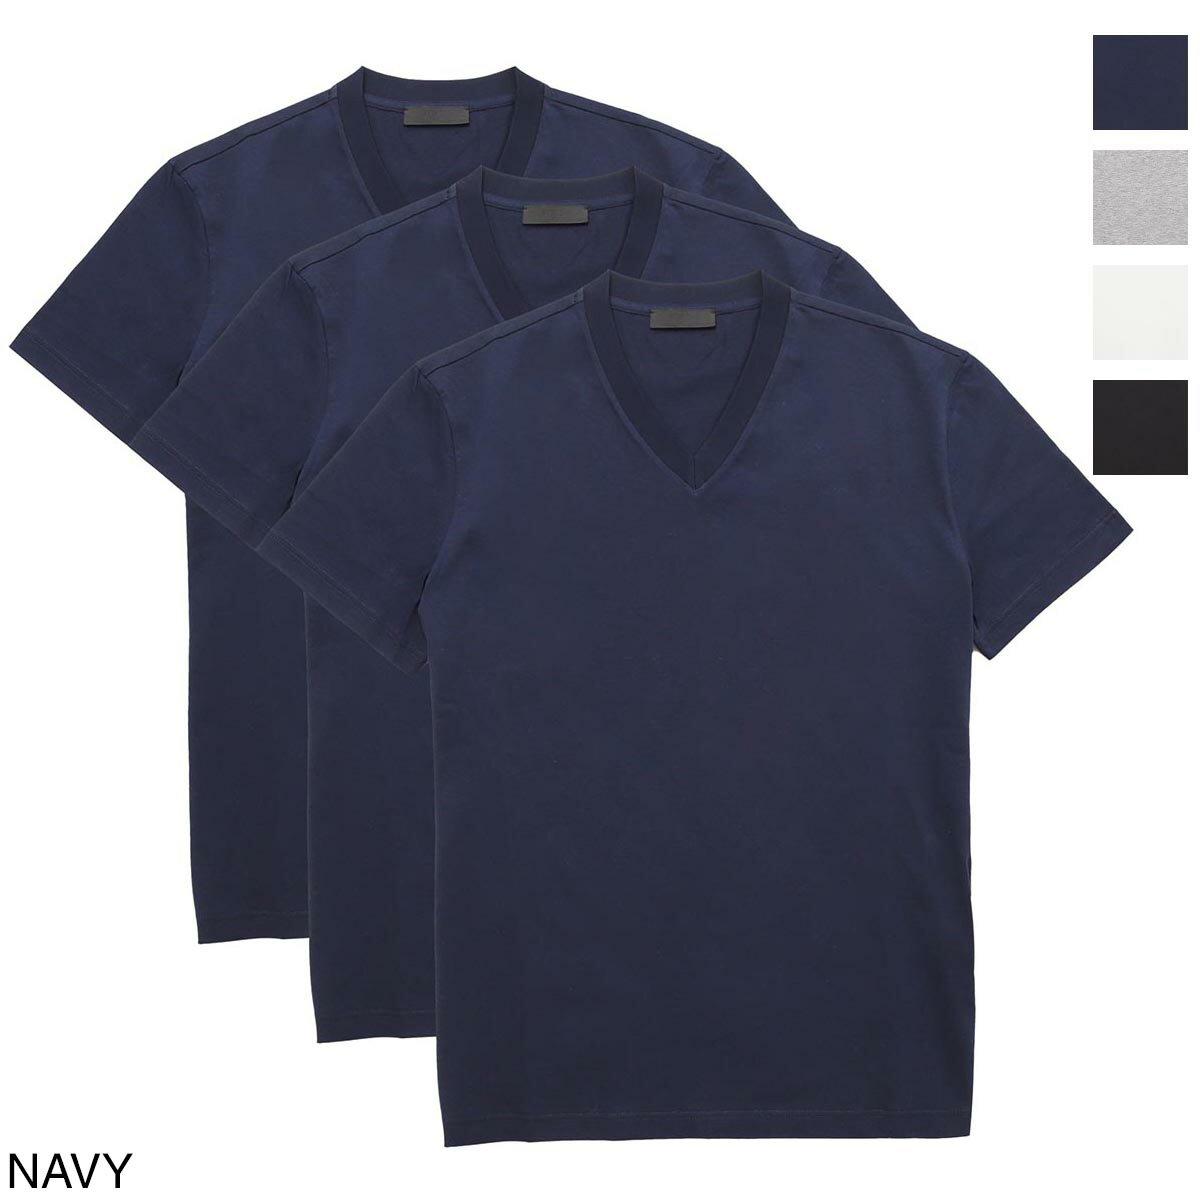 トップス, Tシャツ・カットソー  PRADA V T 3 ujm493 ilk f0124 2021SS